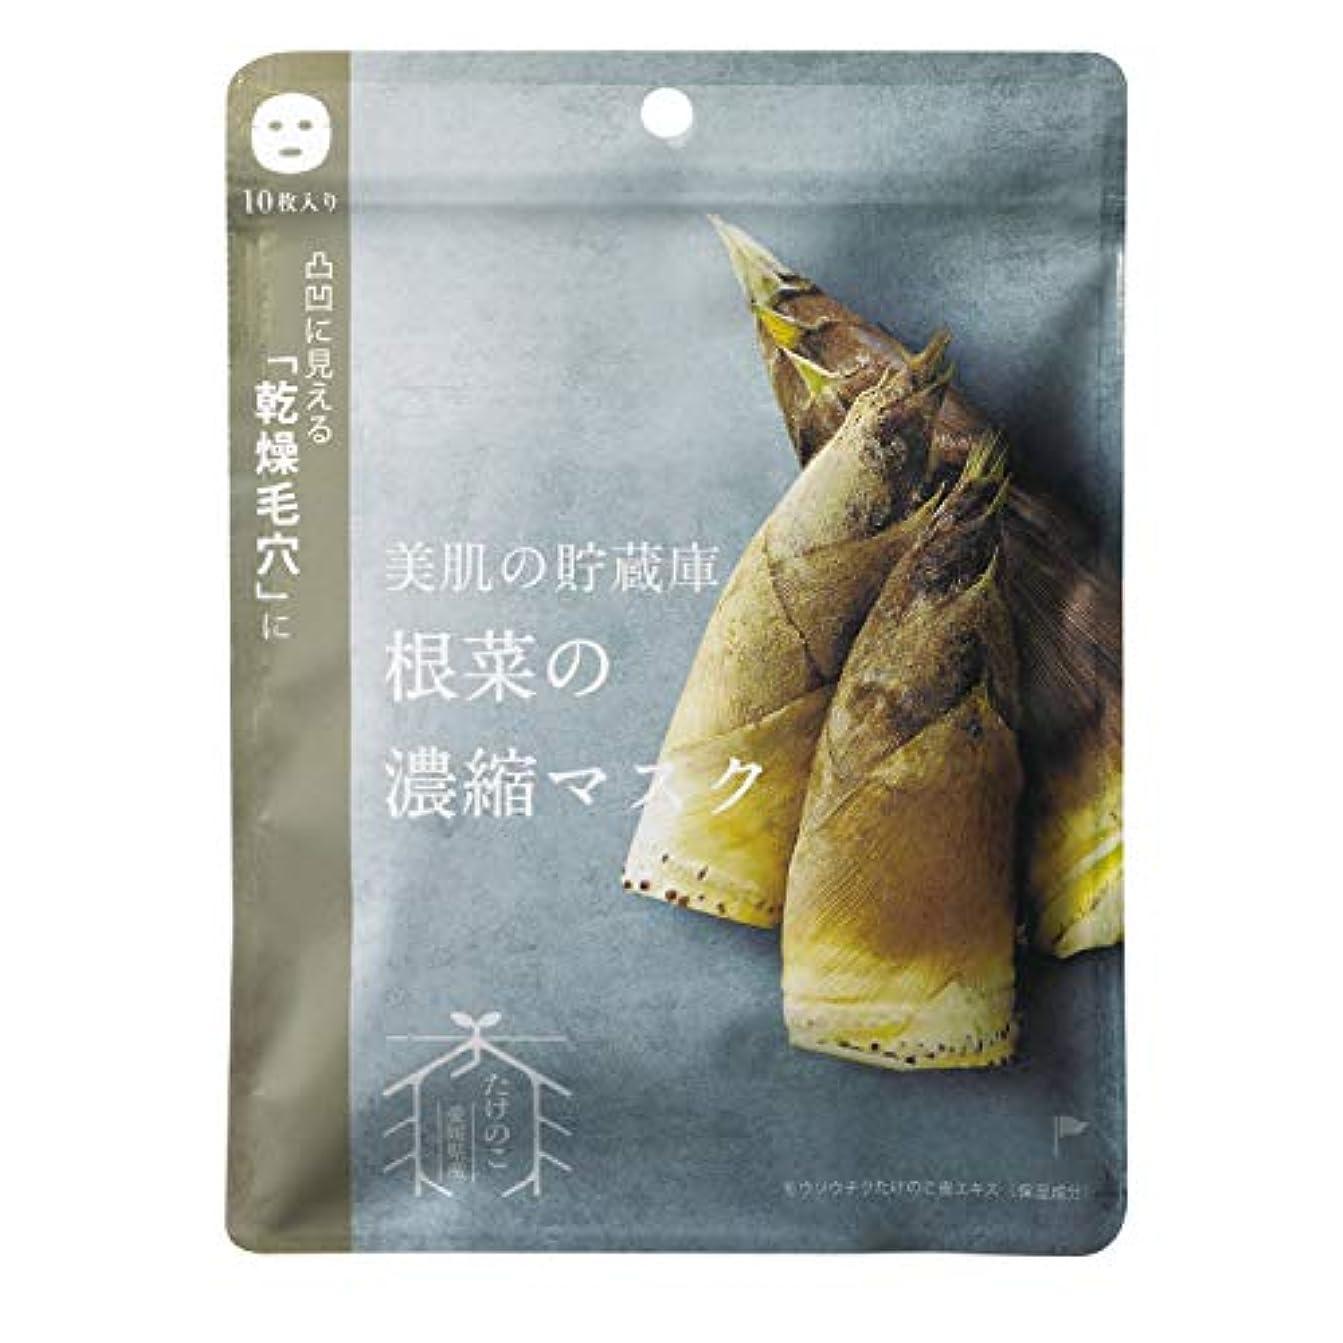 チャペル取り戻す忠誠@cosme nippon 美肌の貯蔵庫 根菜の濃縮マスク 孟宗竹たけのこ 10枚 160ml